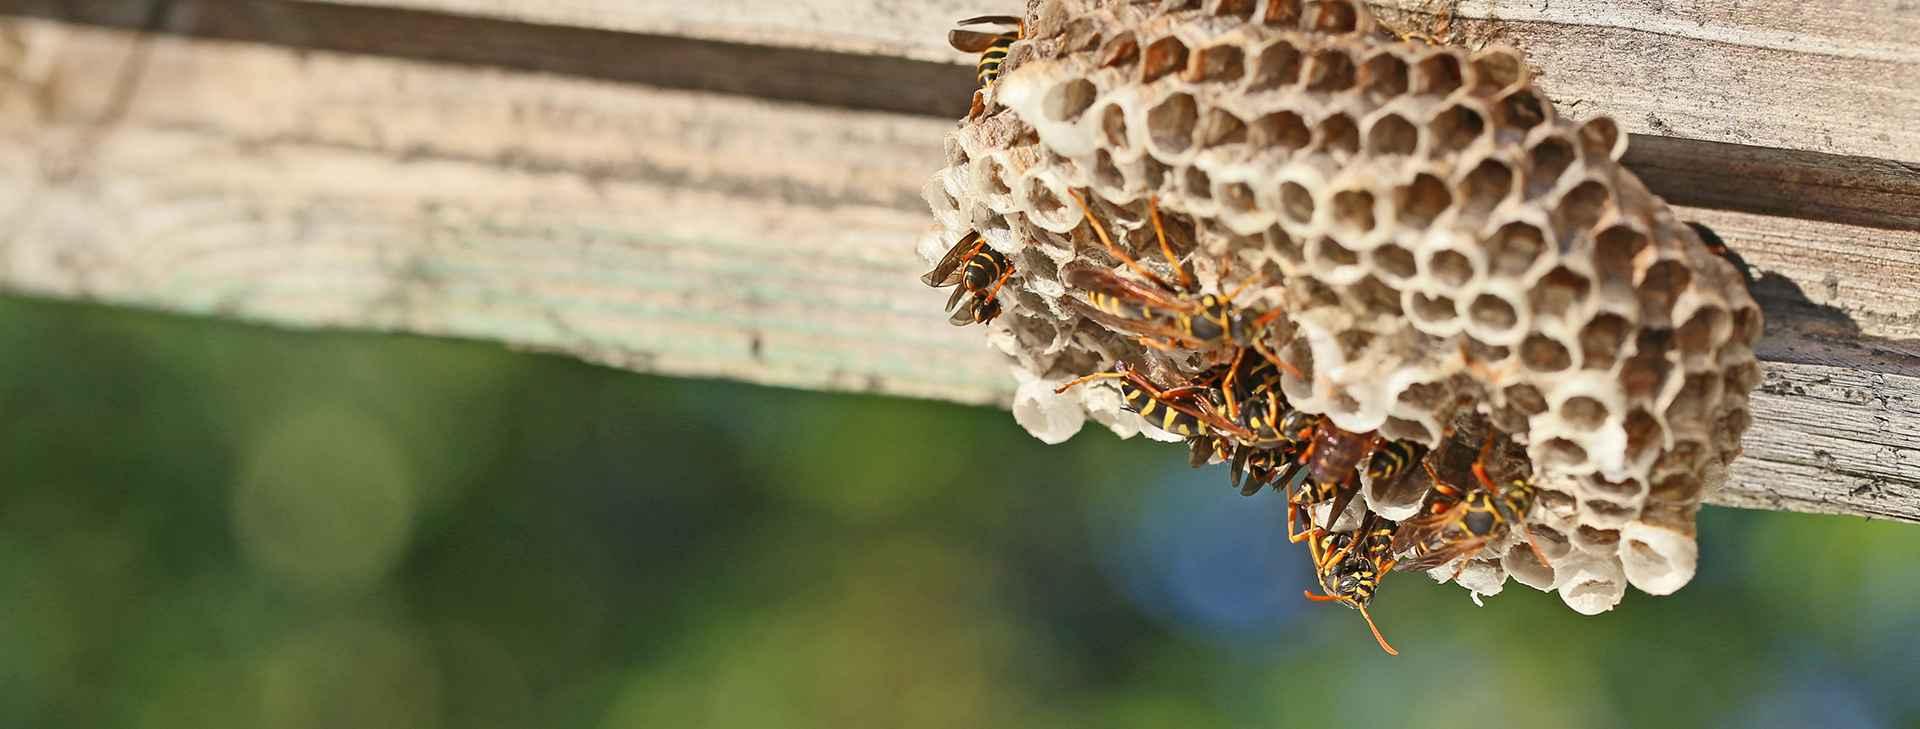 Wasps resized